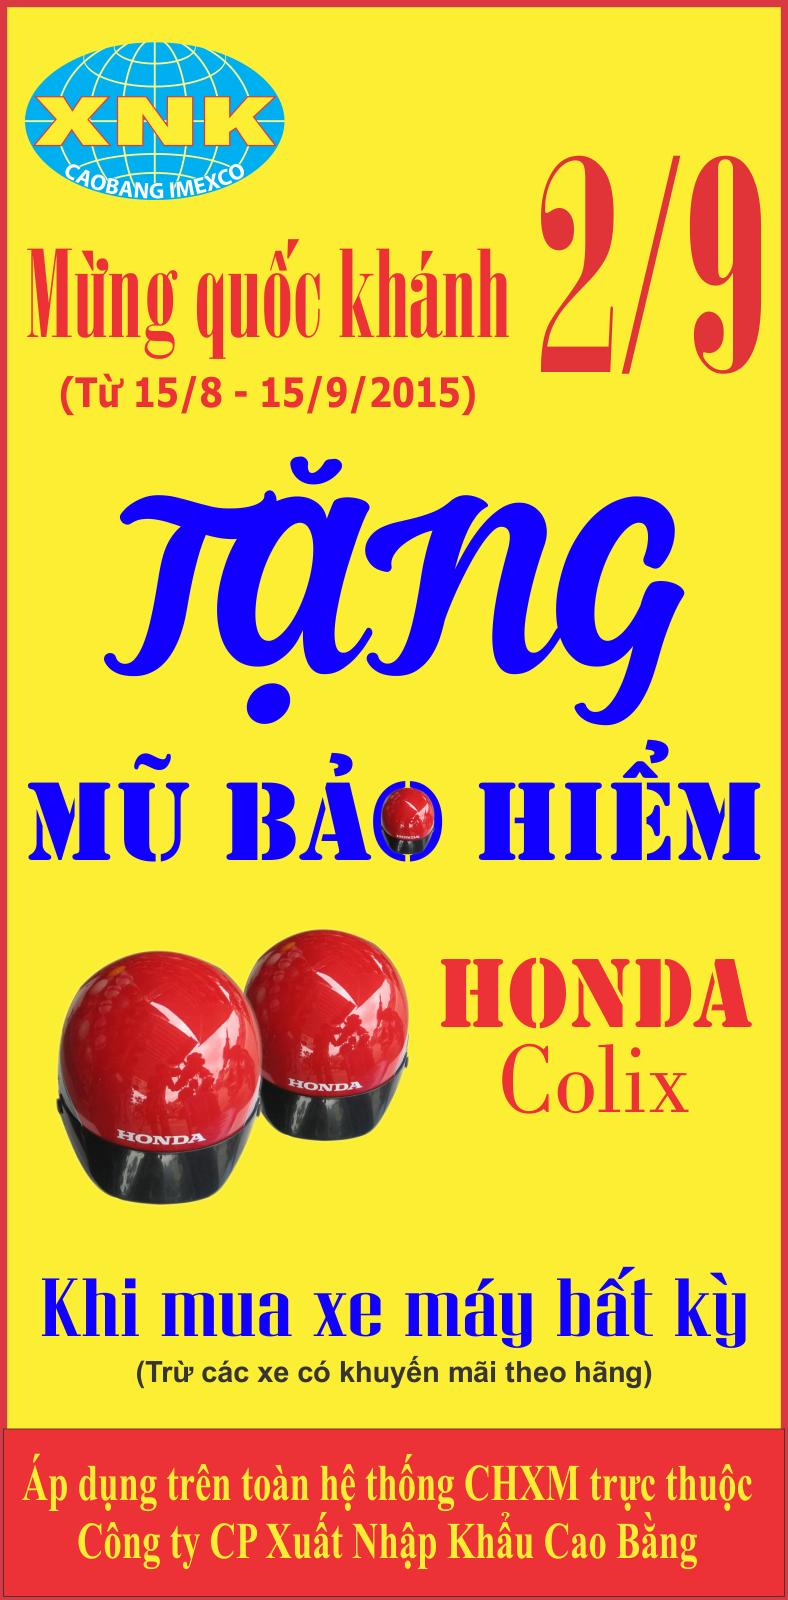 Tang_mu_bao_hiem